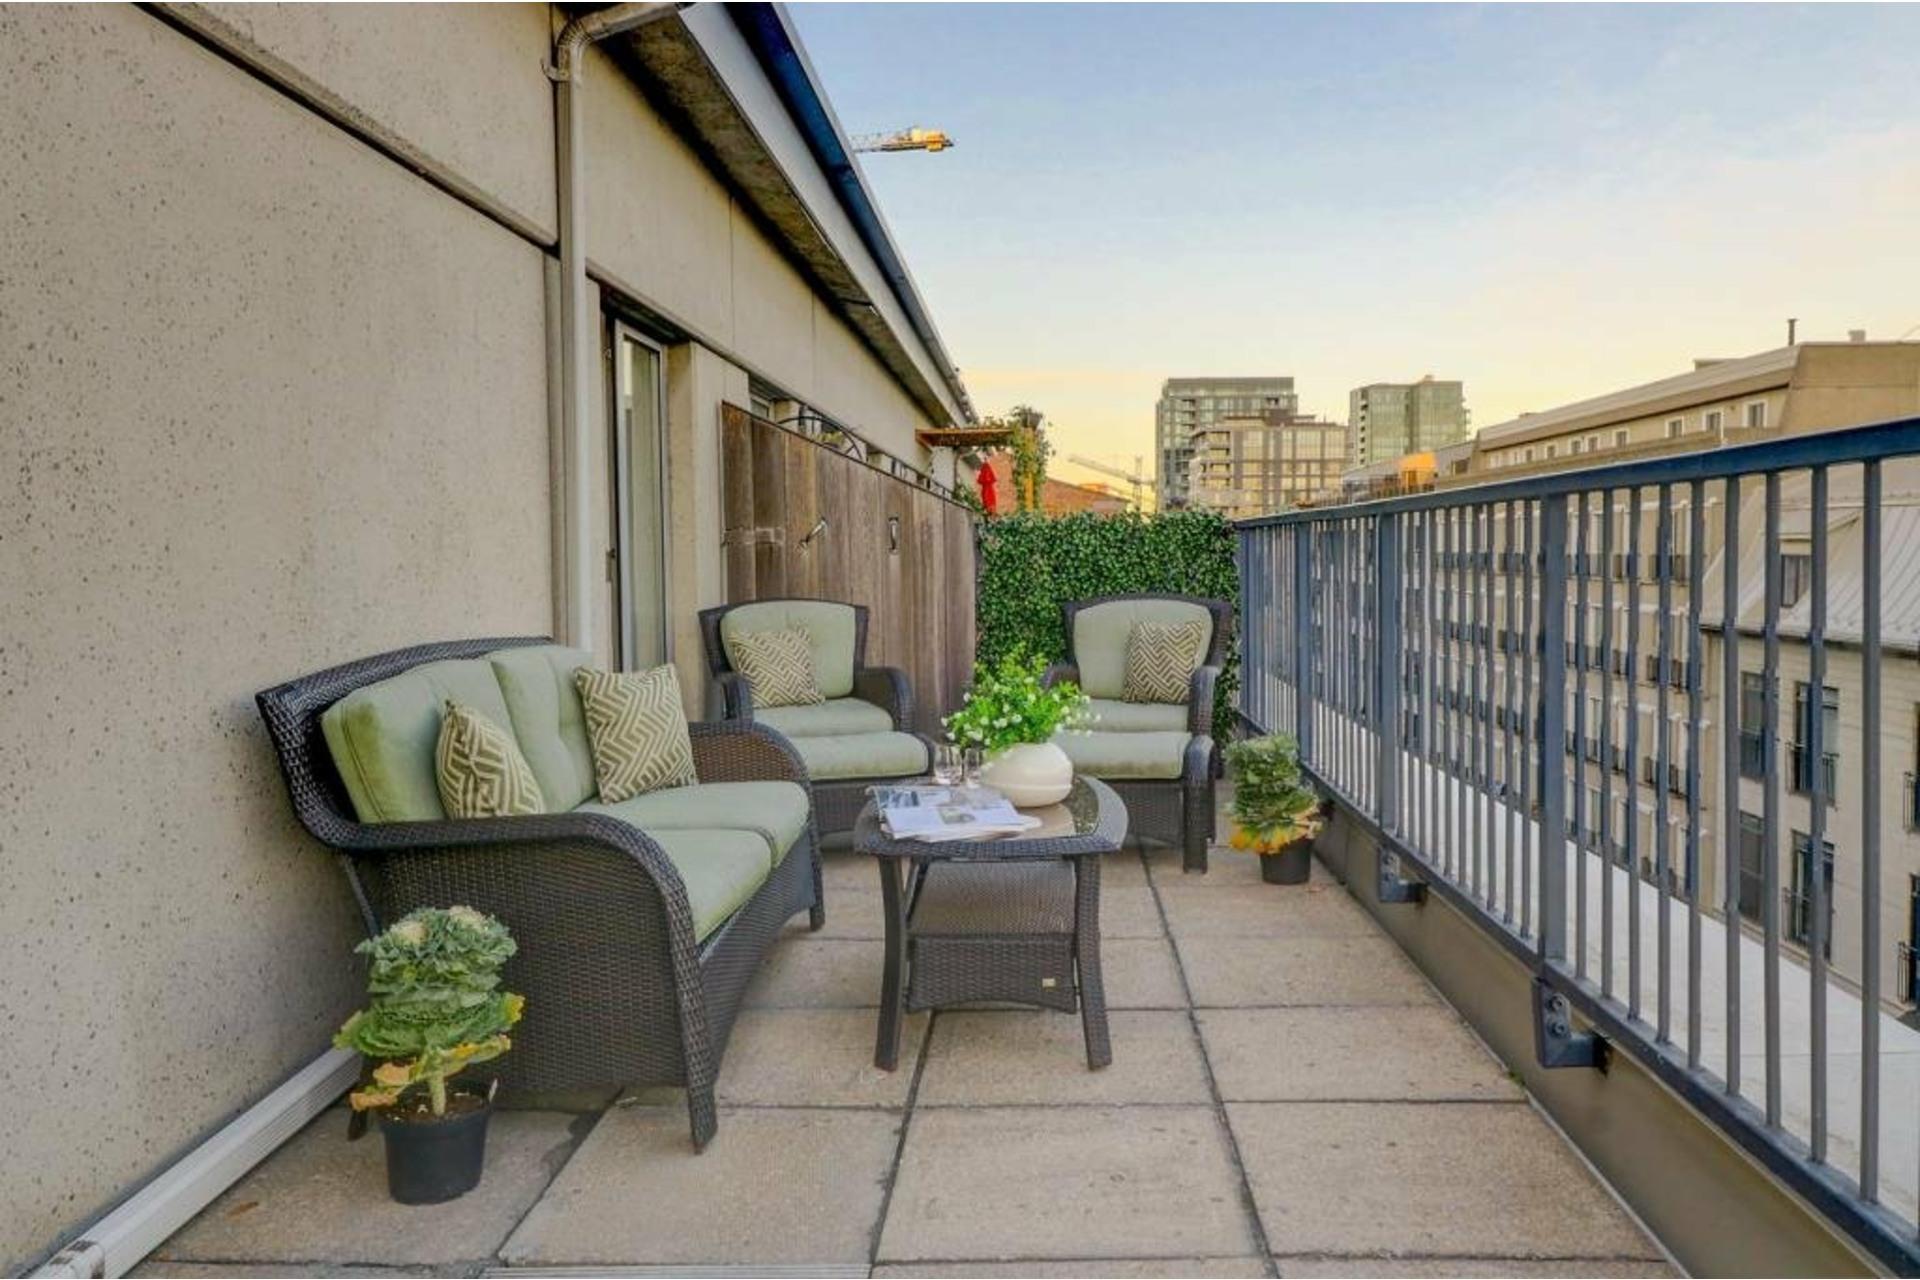 image 10 - Apartment For rent Ville-Marie Montréal  - 4 rooms